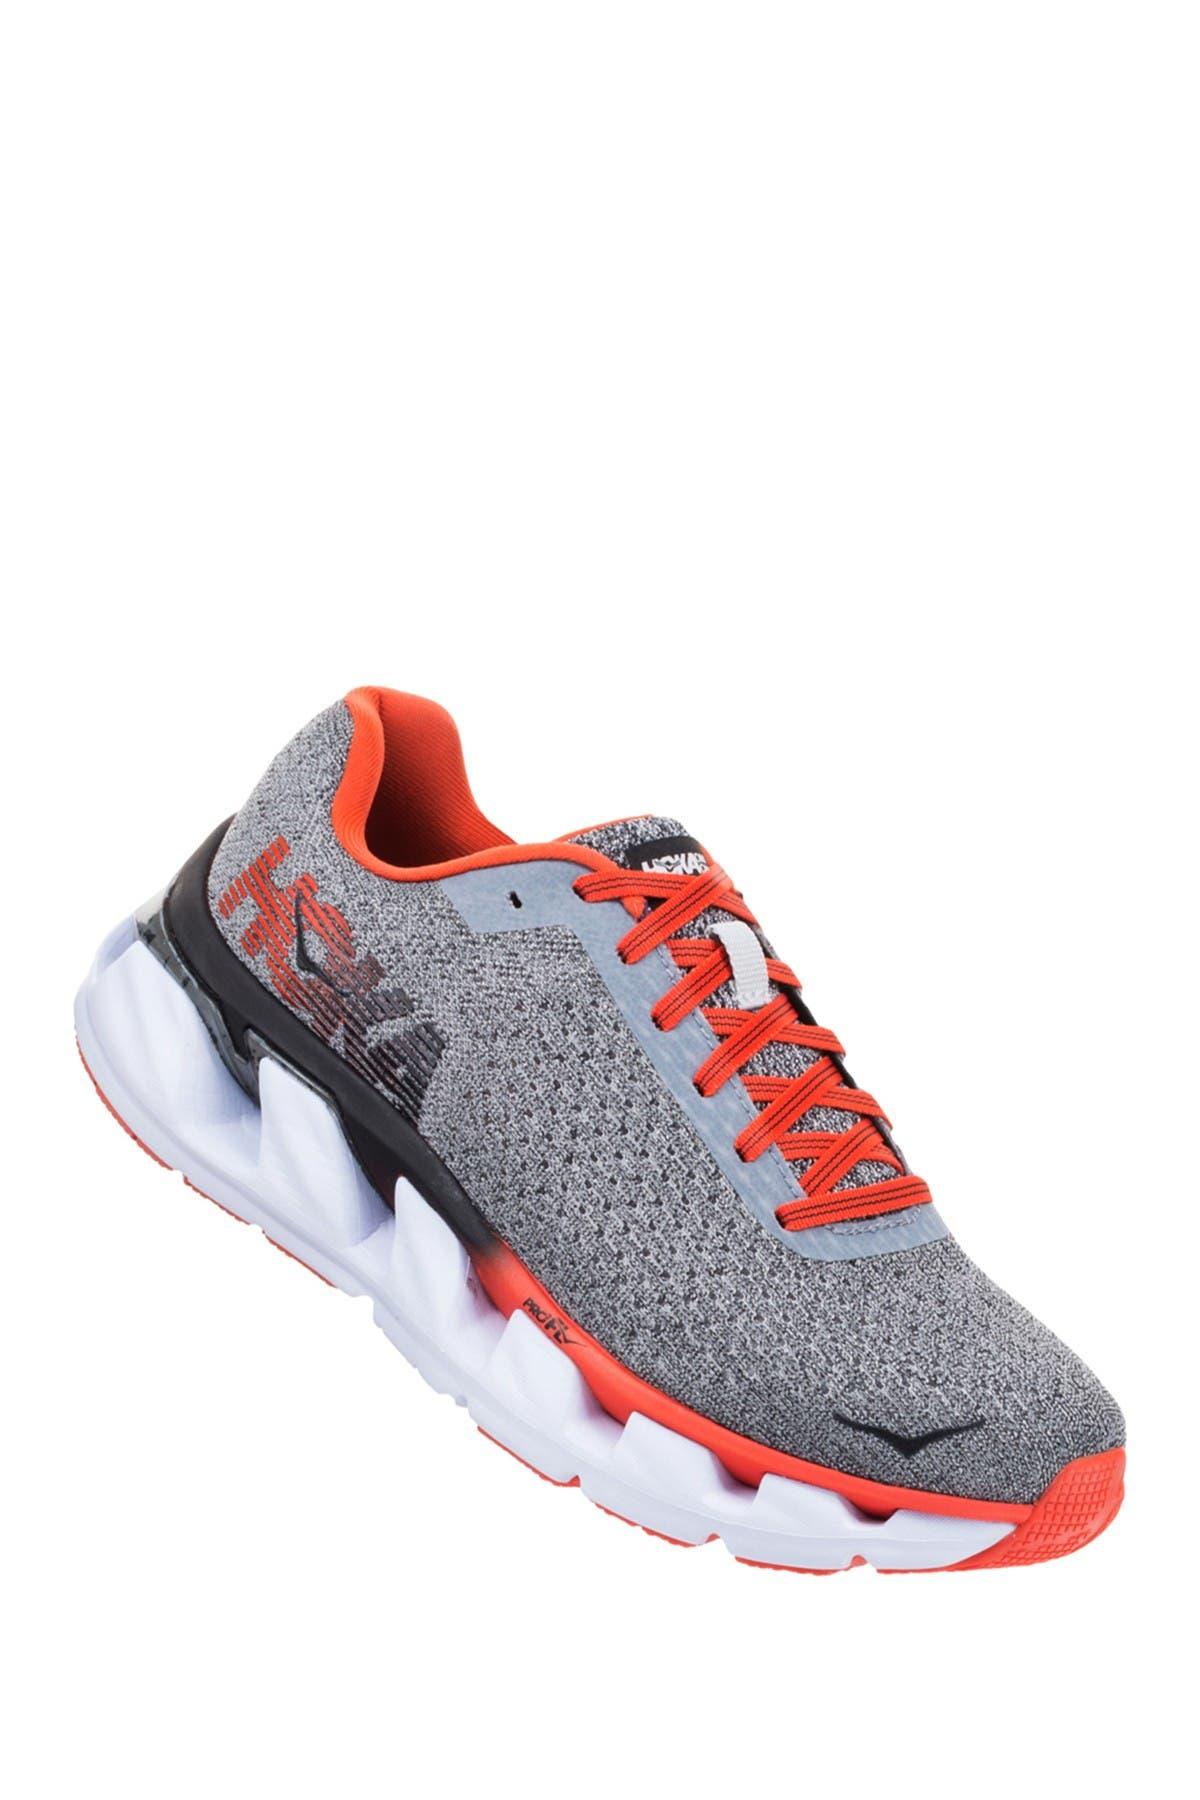 HOKA ONE ONE | Elevon Road Running Shoe